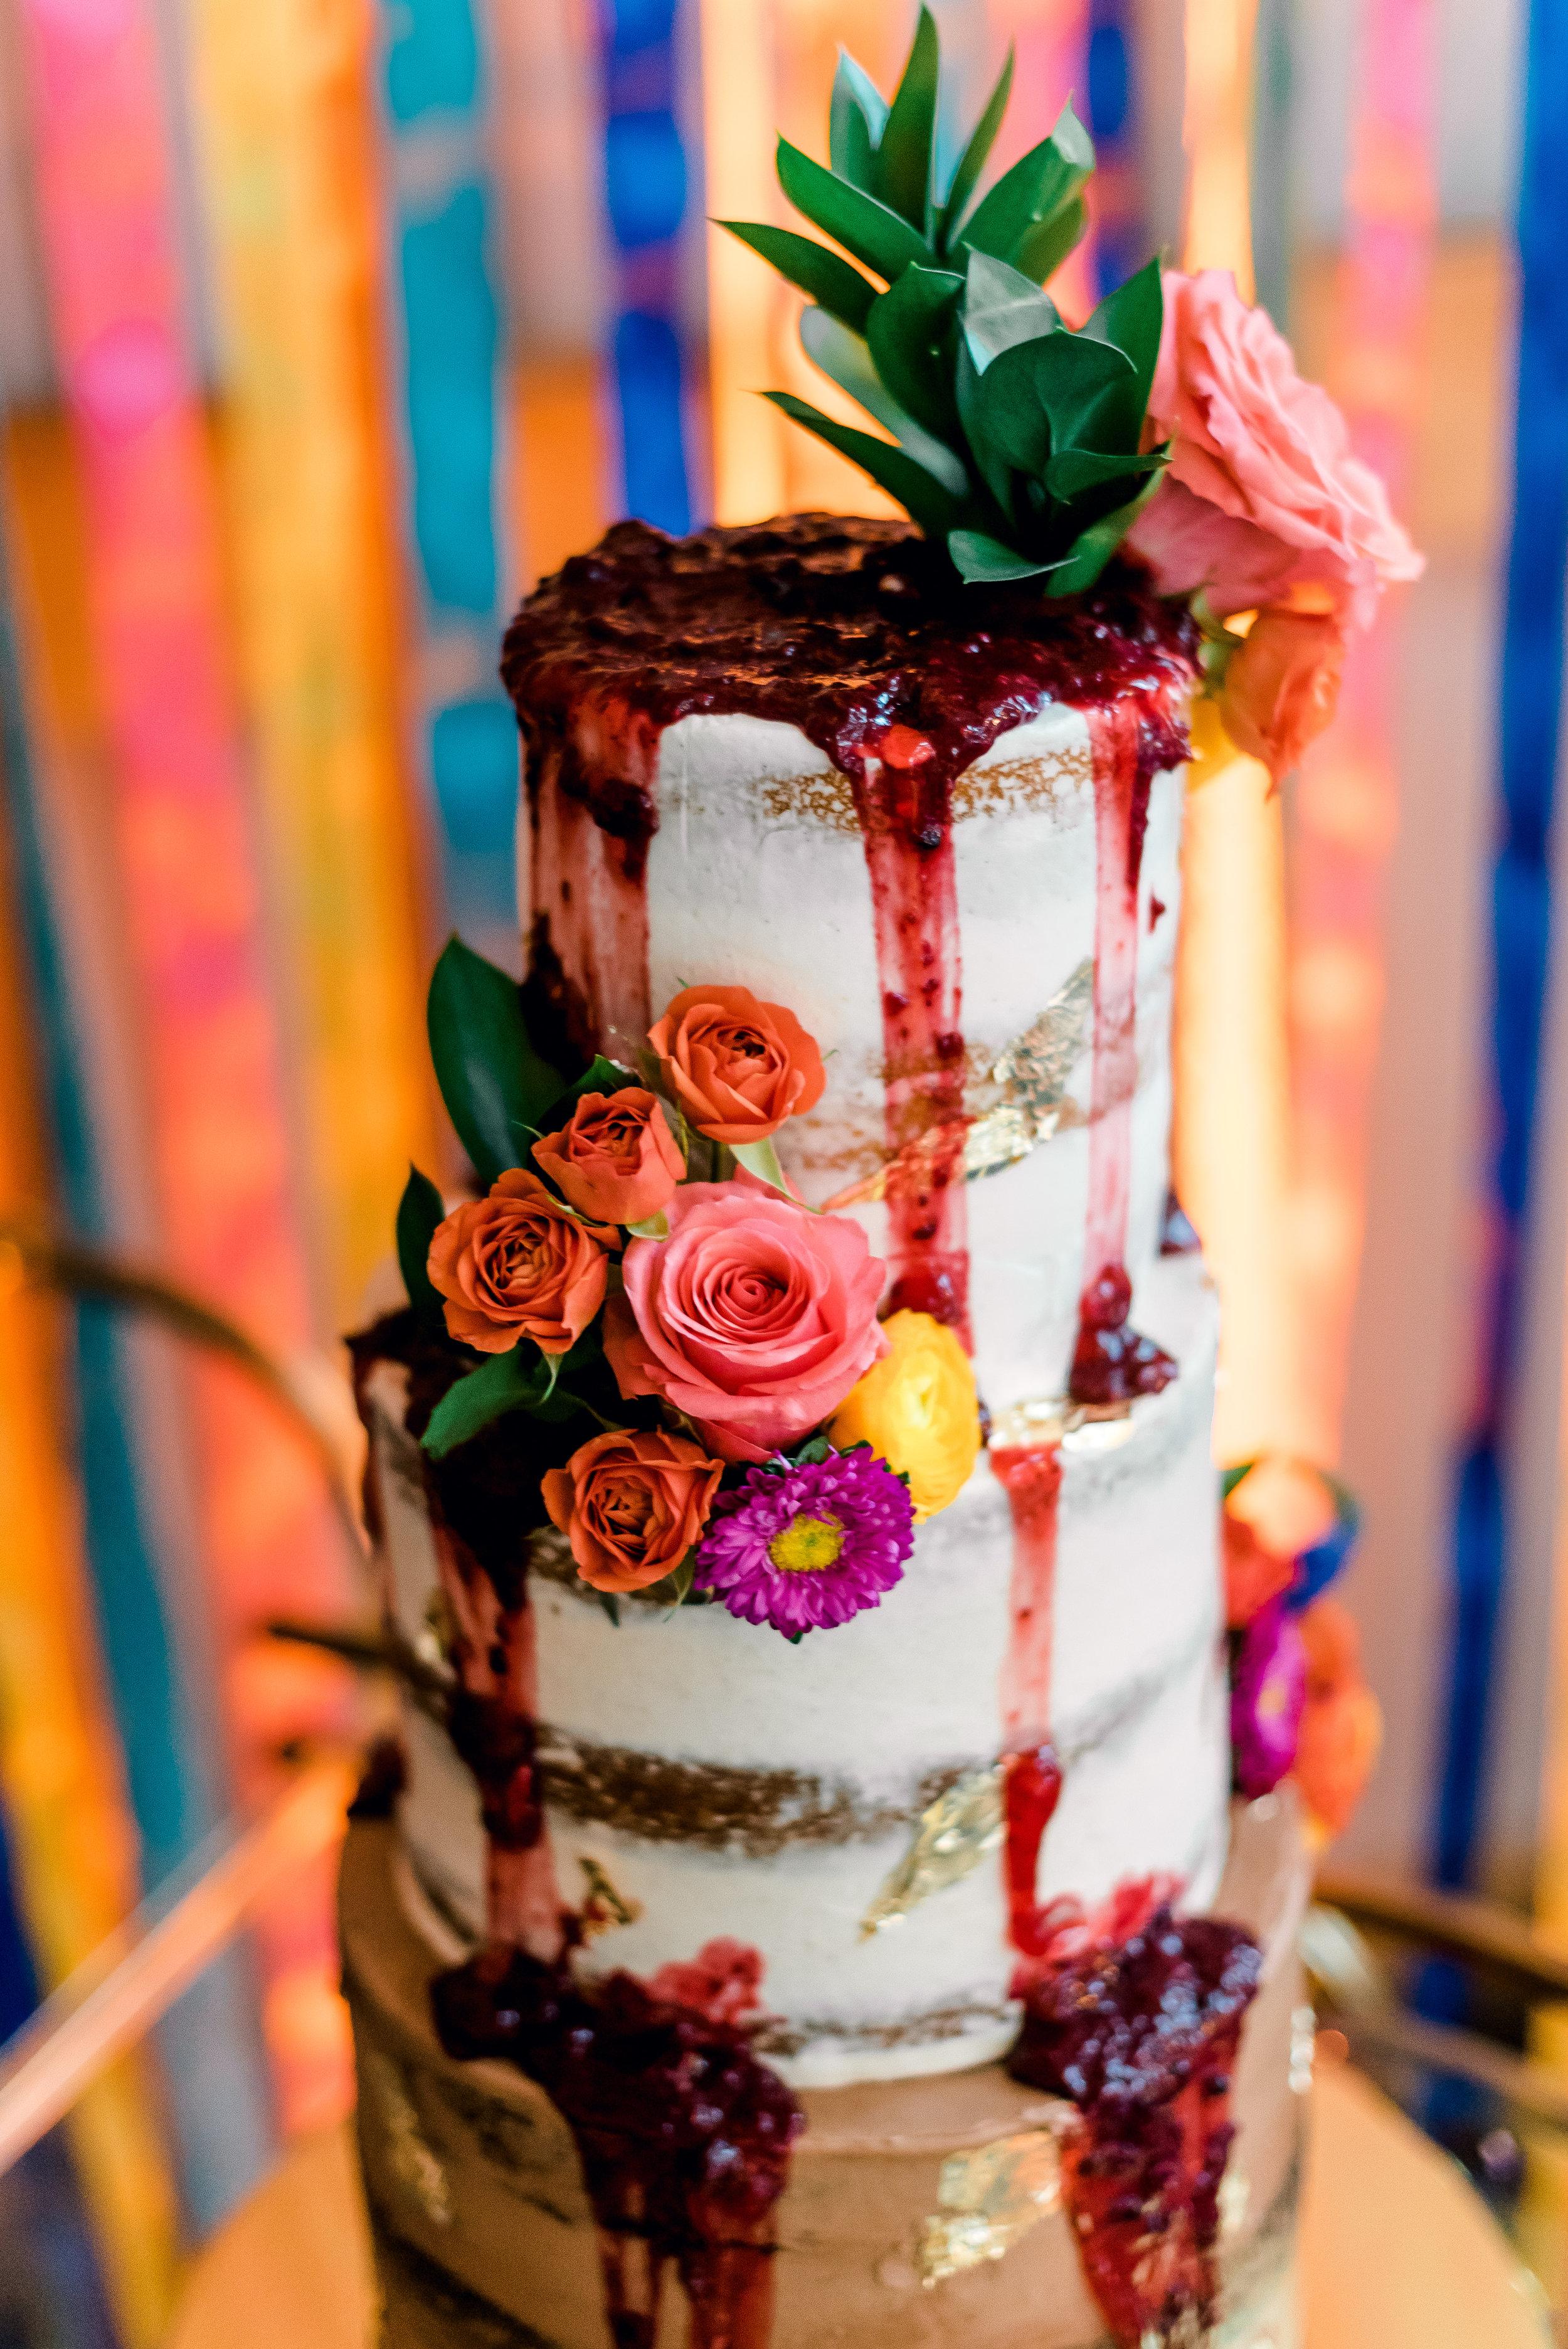 Naked-Cake-Gold-Foil-Pittsburgh-K-Flowers-Designs.jpg